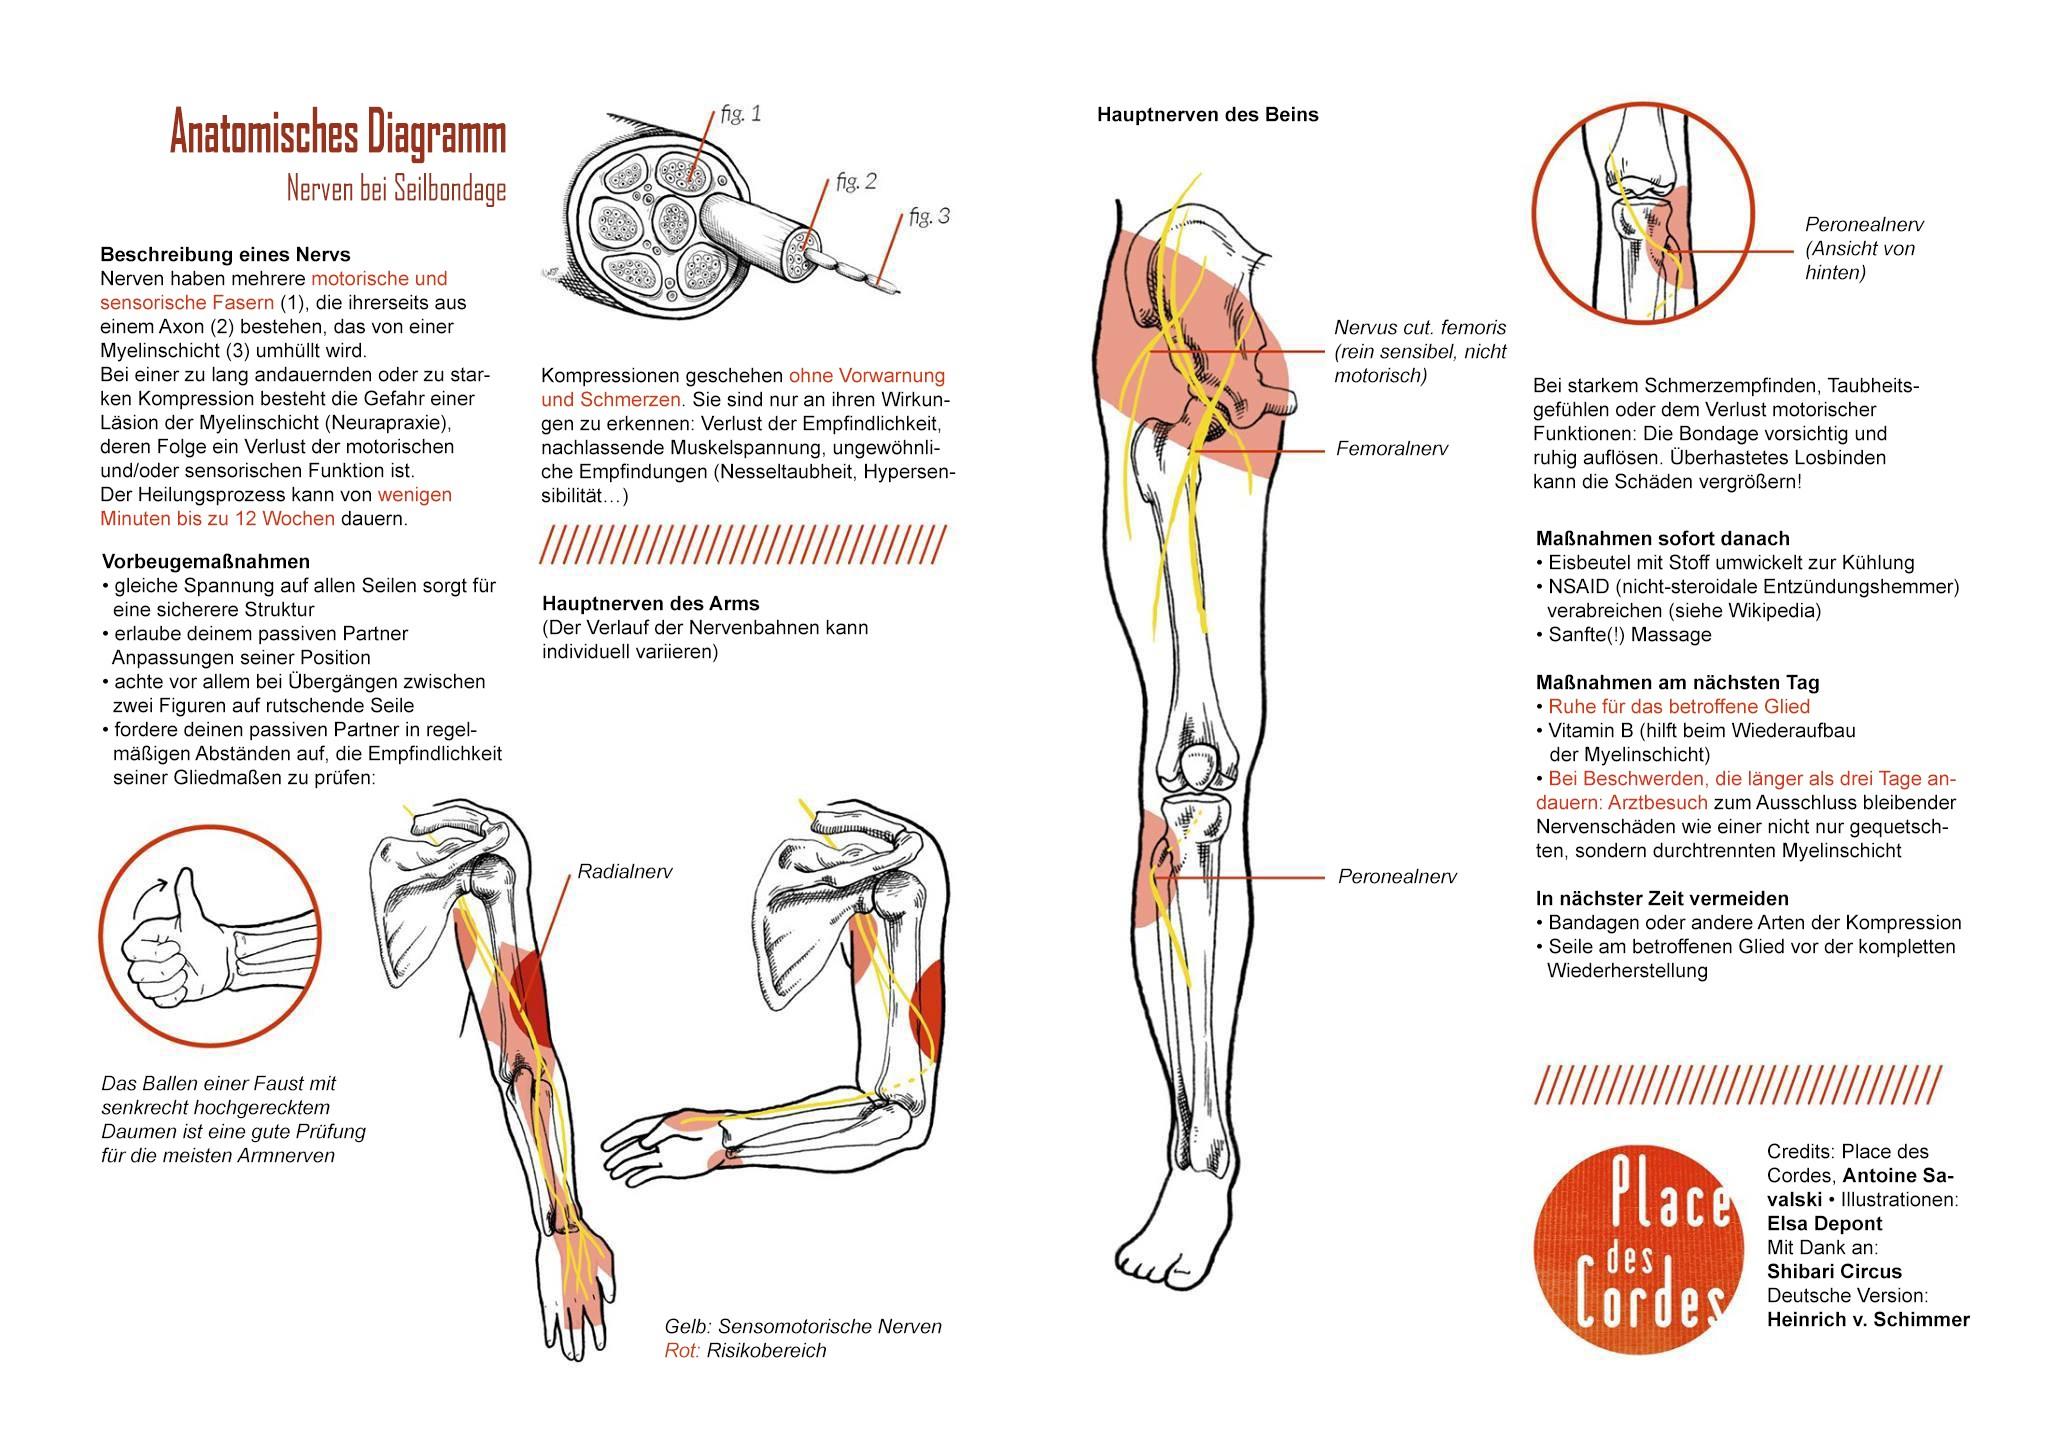 Anatomie Flyer Place des Cordes deutsch